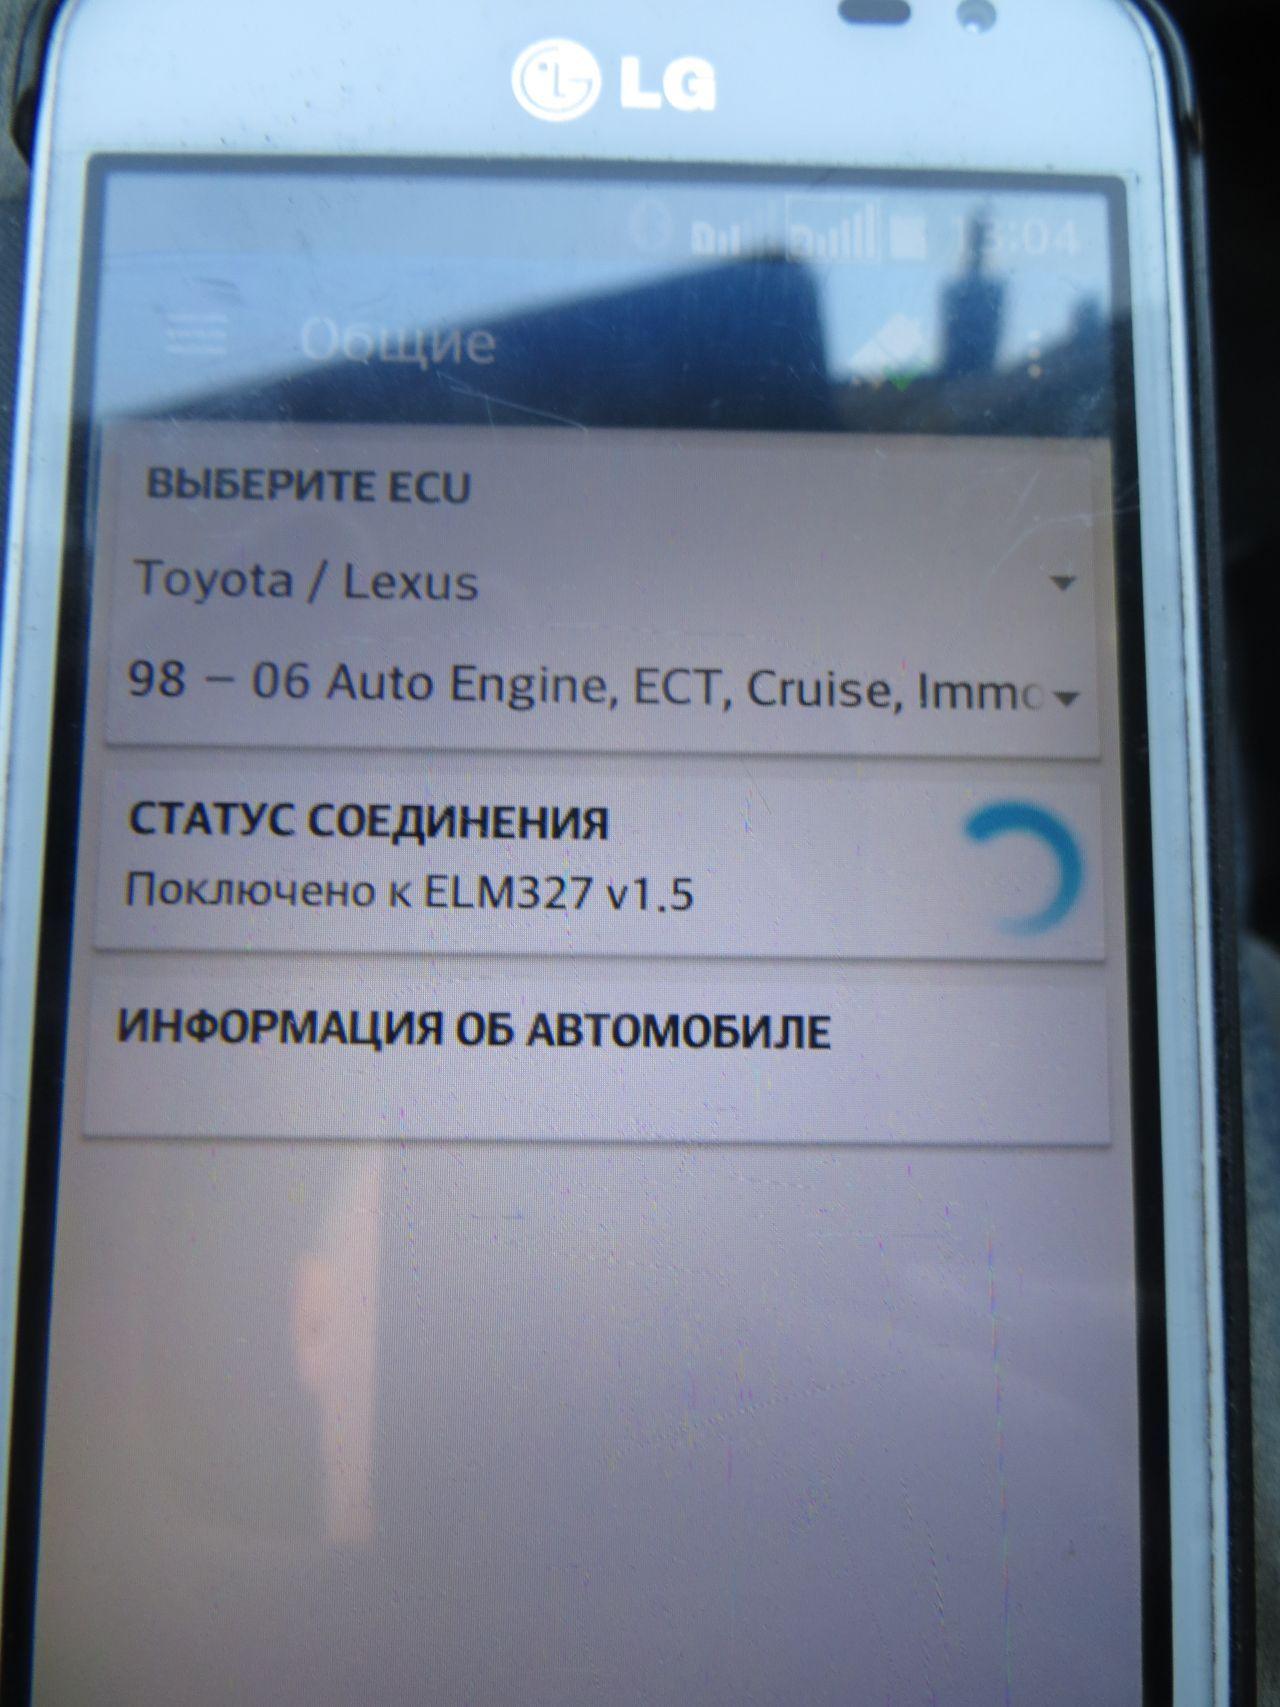 Соединение смартфона с передатчиком.